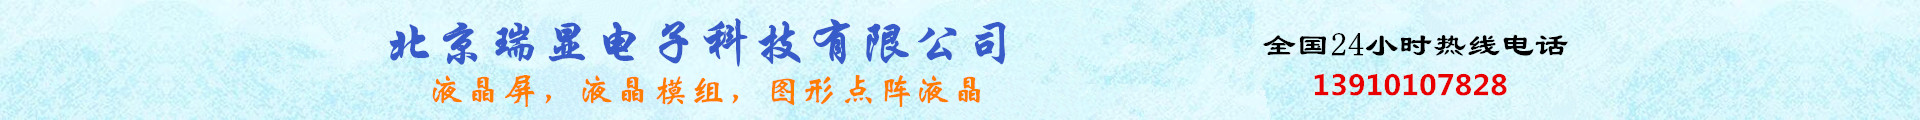 北京瑞顯電子科技有限公司